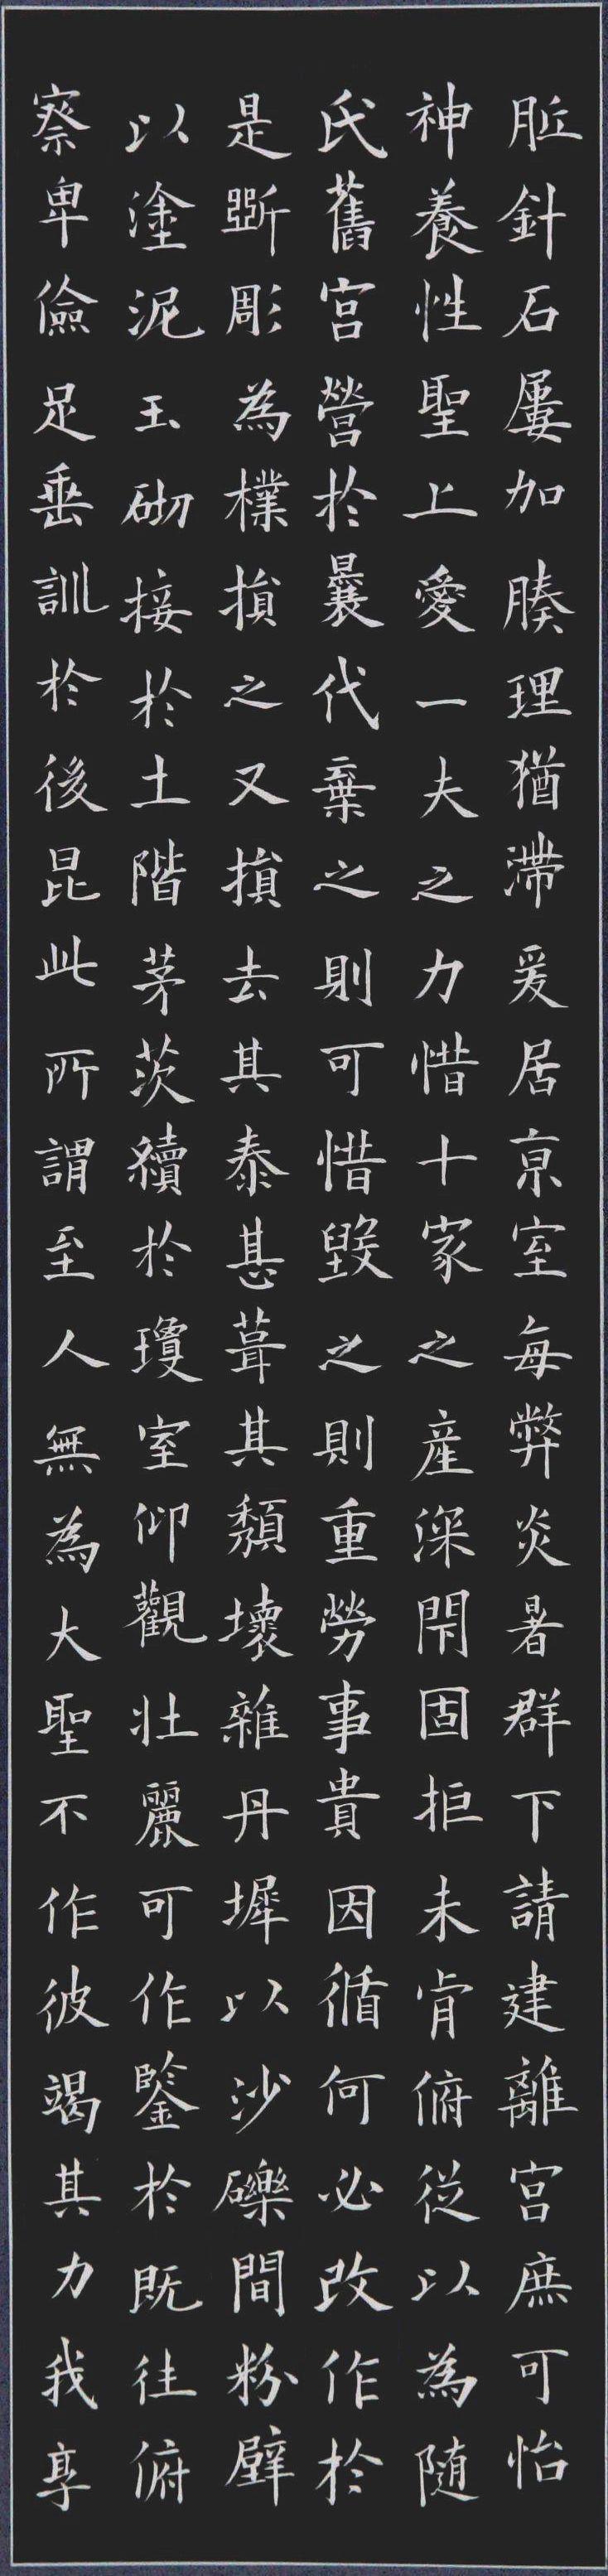 李笔戎 (3)_副本_副本_副本.jpg